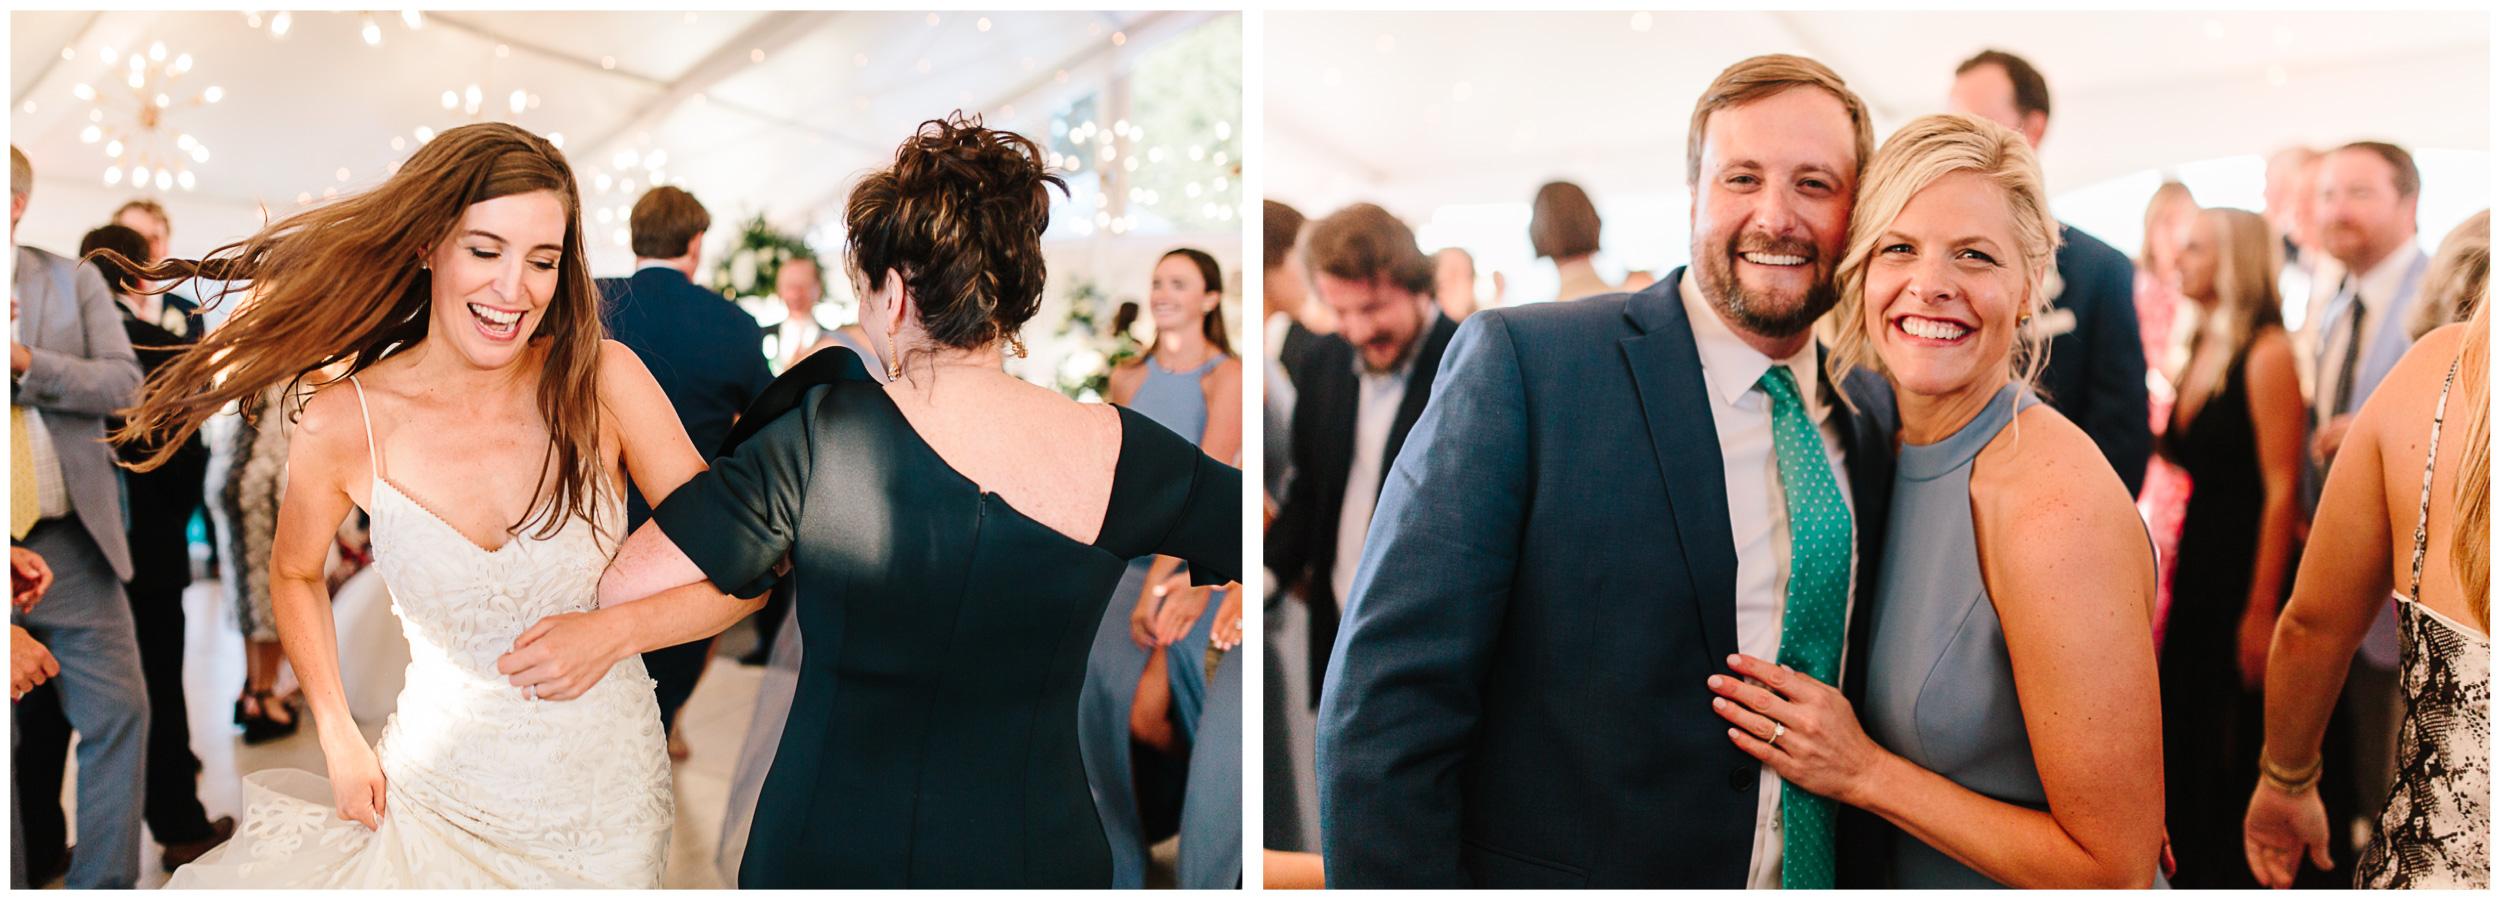 crested_butte_wedding_119a.jpg